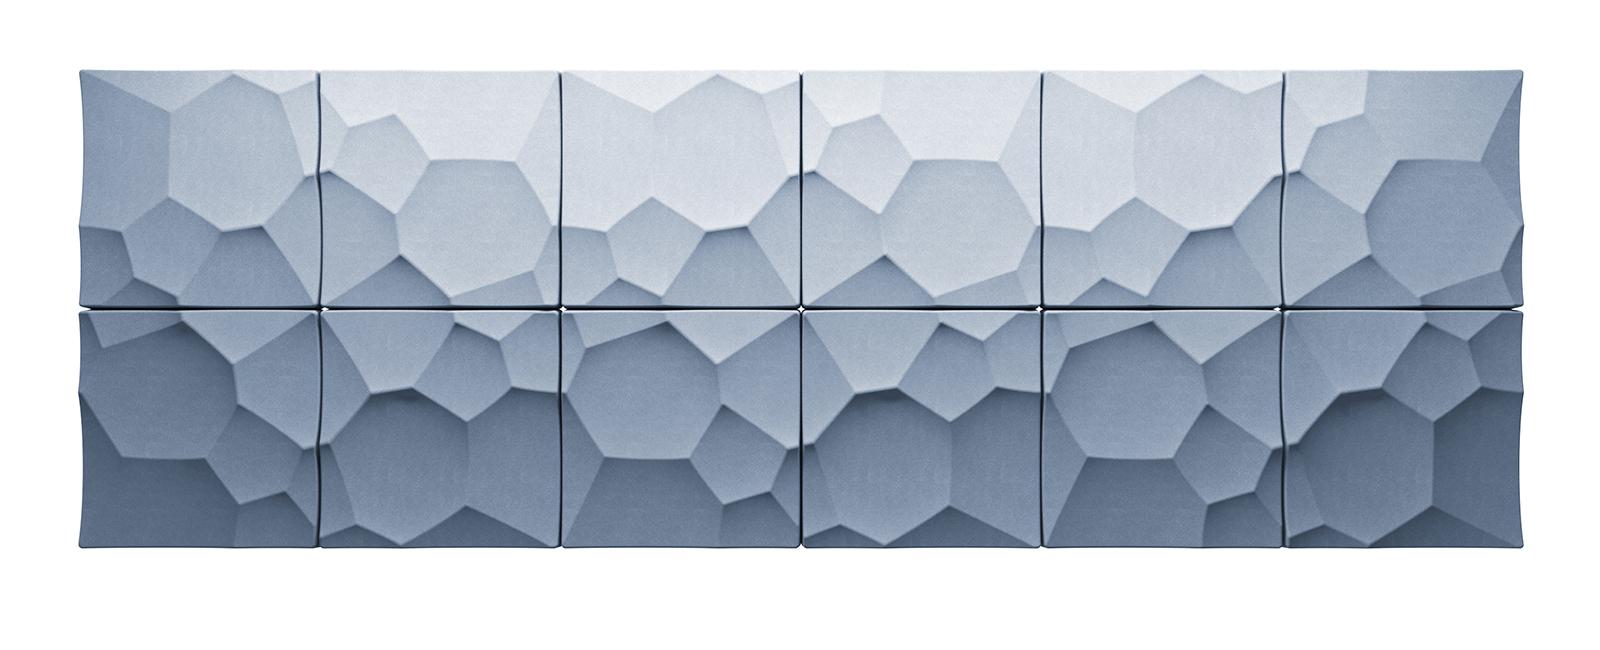 Autex Quietspace 3D-Tiles S-5.28 | Porcelain